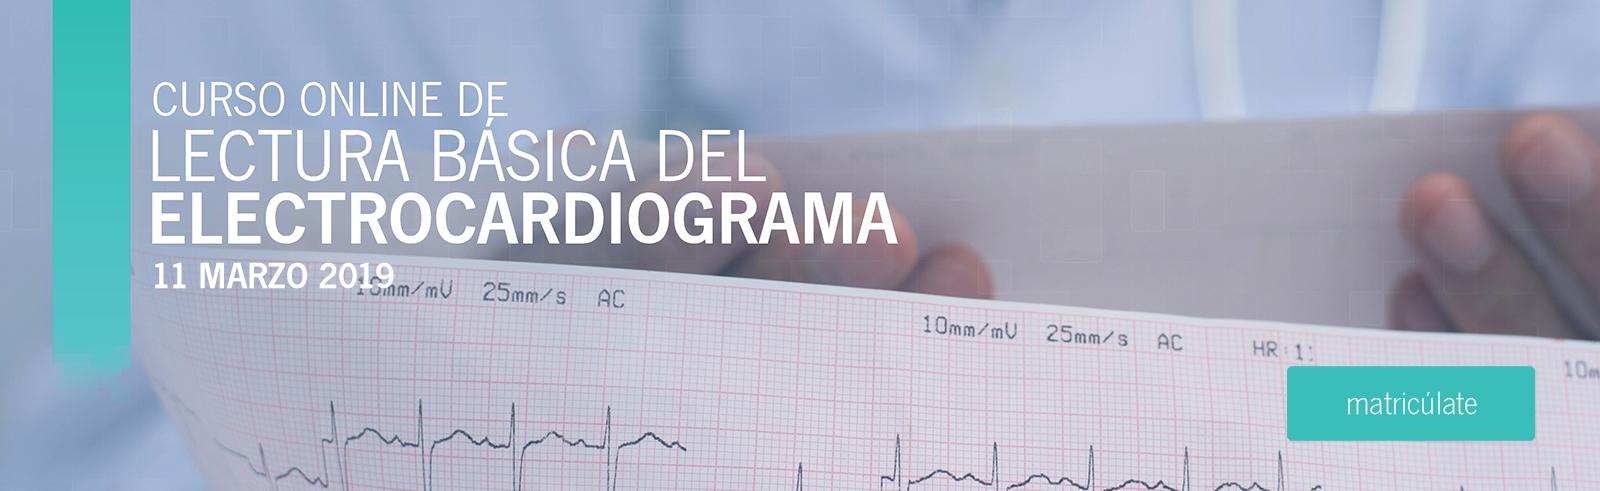 Lectura básica del electrocardiograma